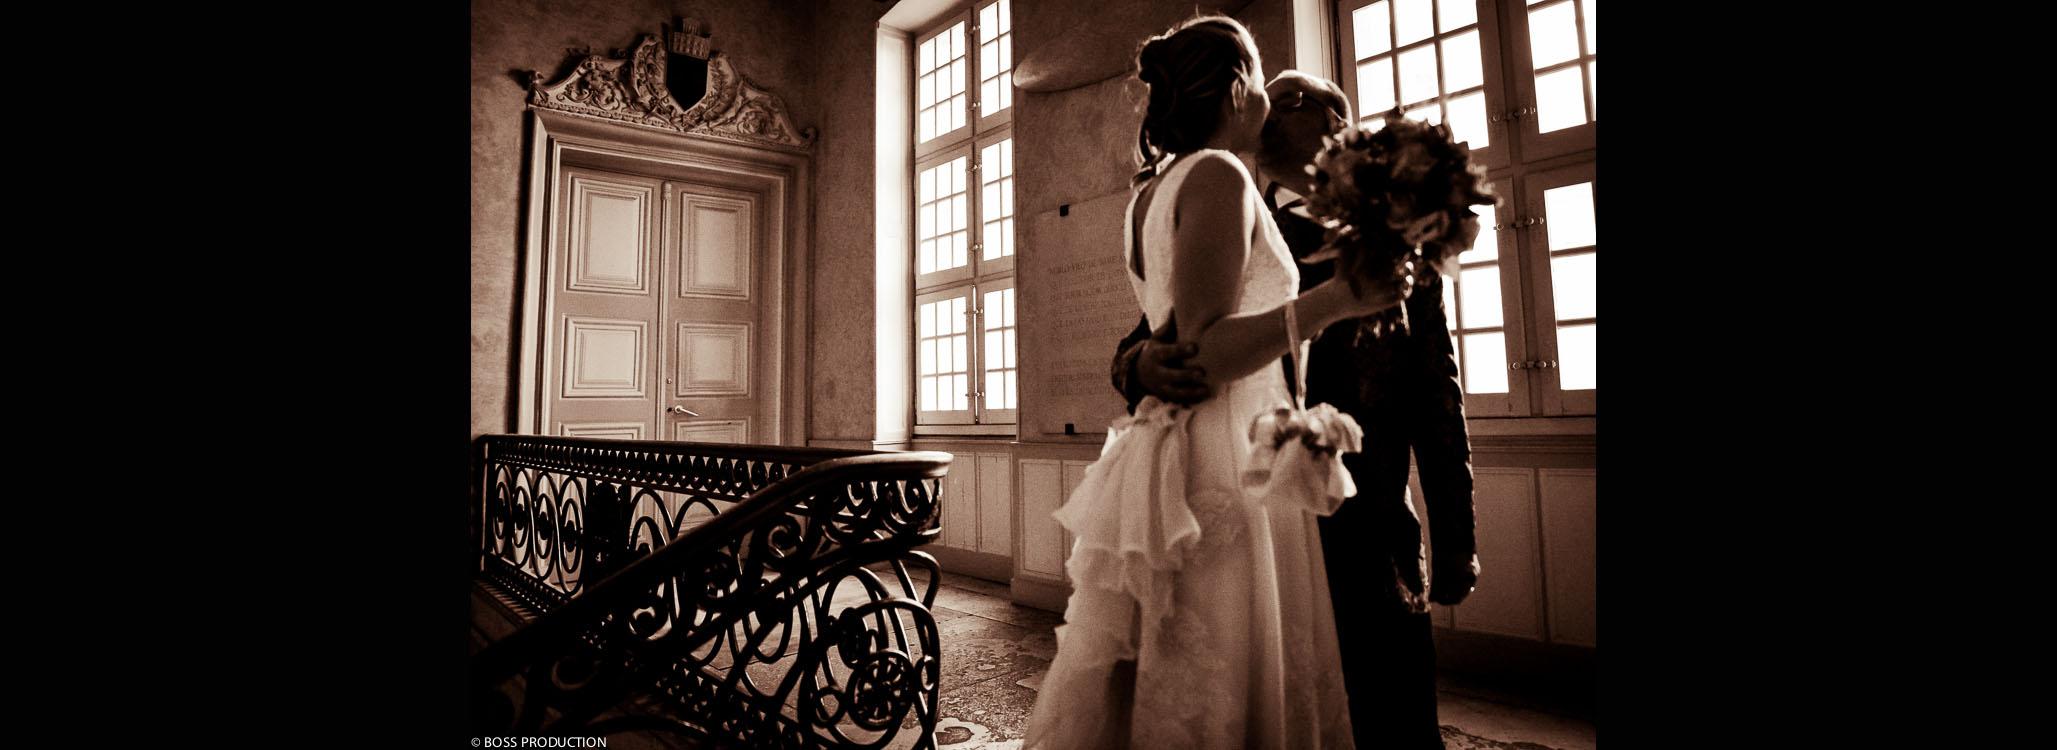 BOSS-PROD-MARIAGE-22